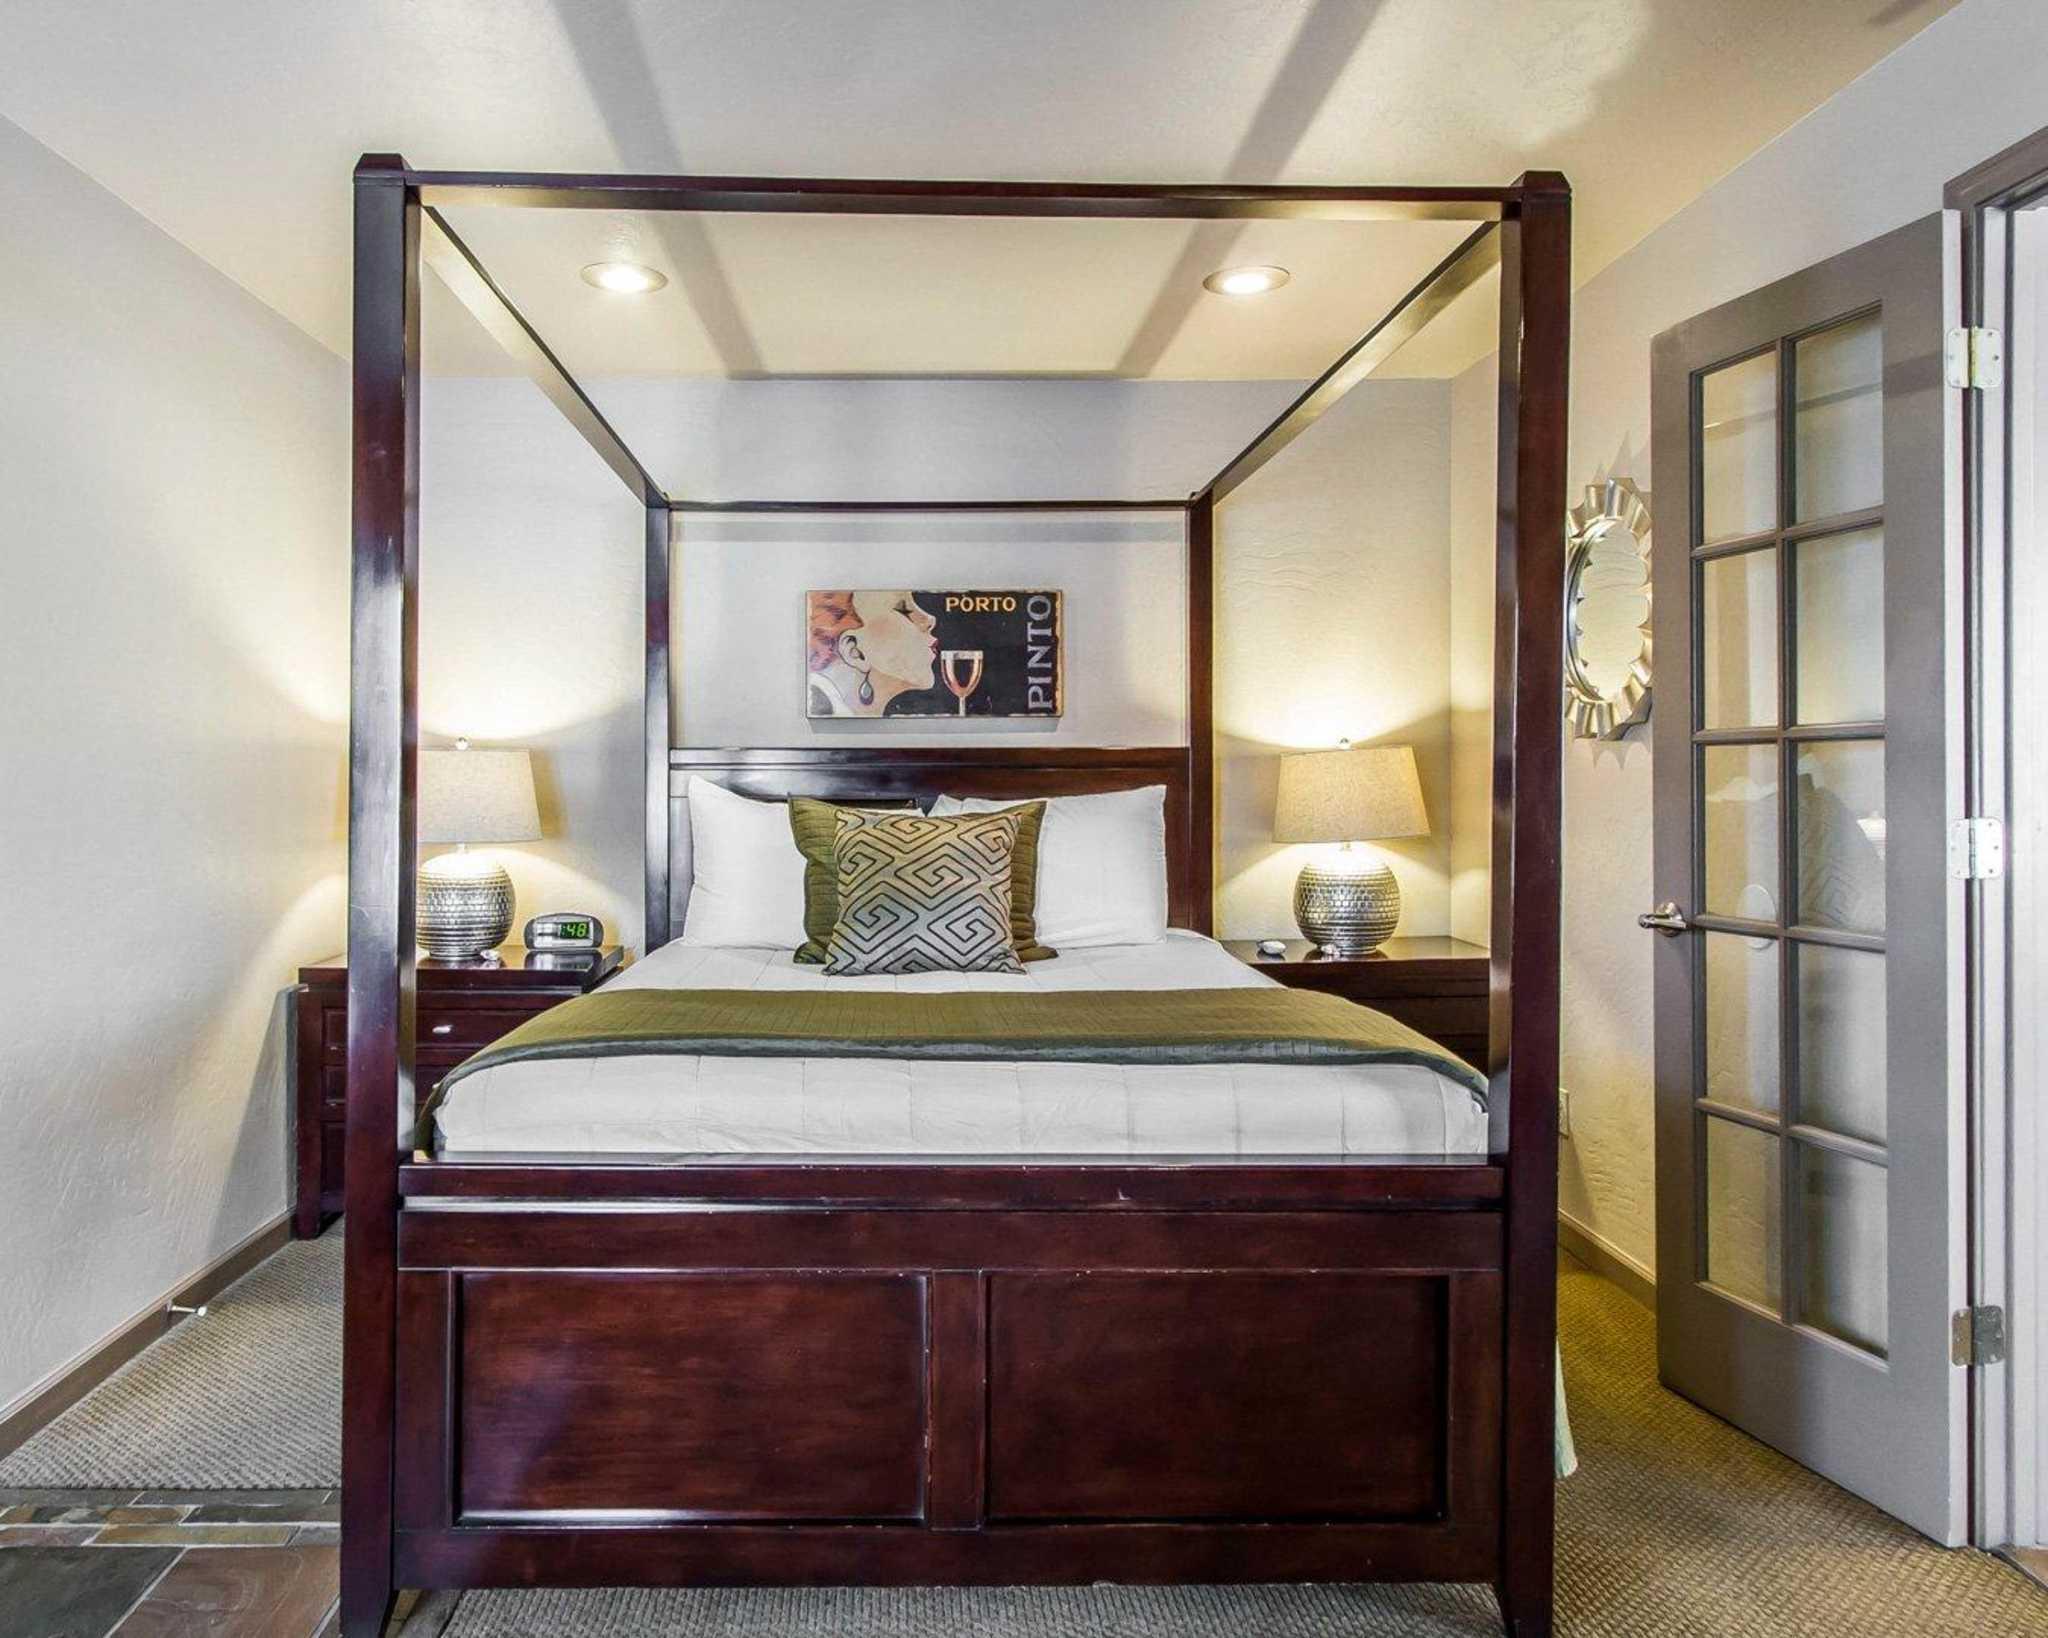 Rodeway Inn & Suites Downtowner-Rte 66 image 27